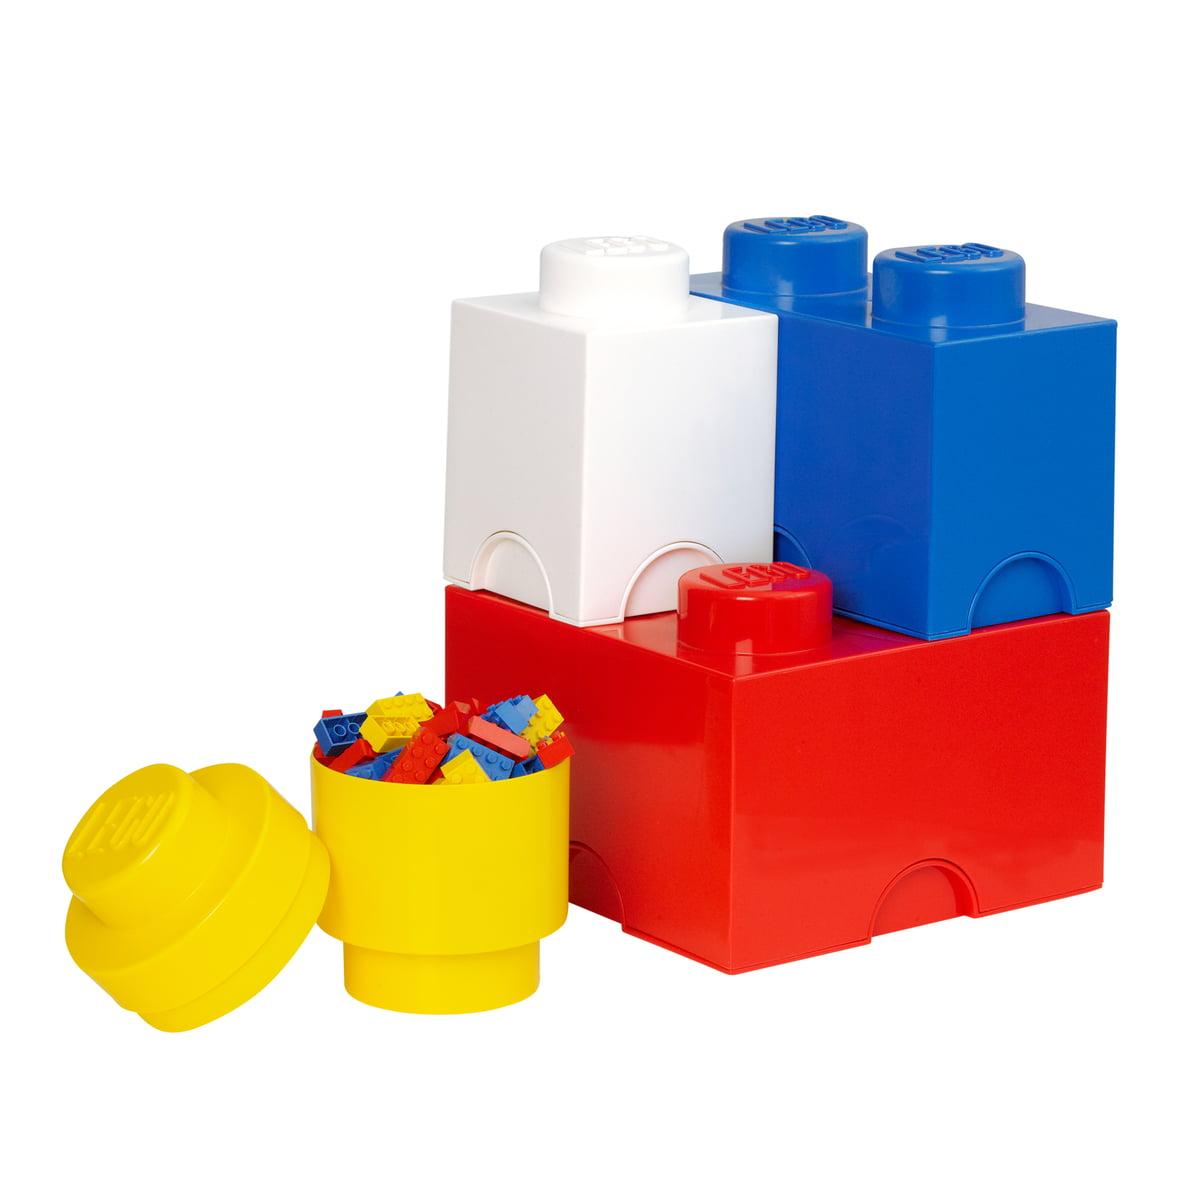 storage brick multipack set of 4 by lego. Black Bedroom Furniture Sets. Home Design Ideas